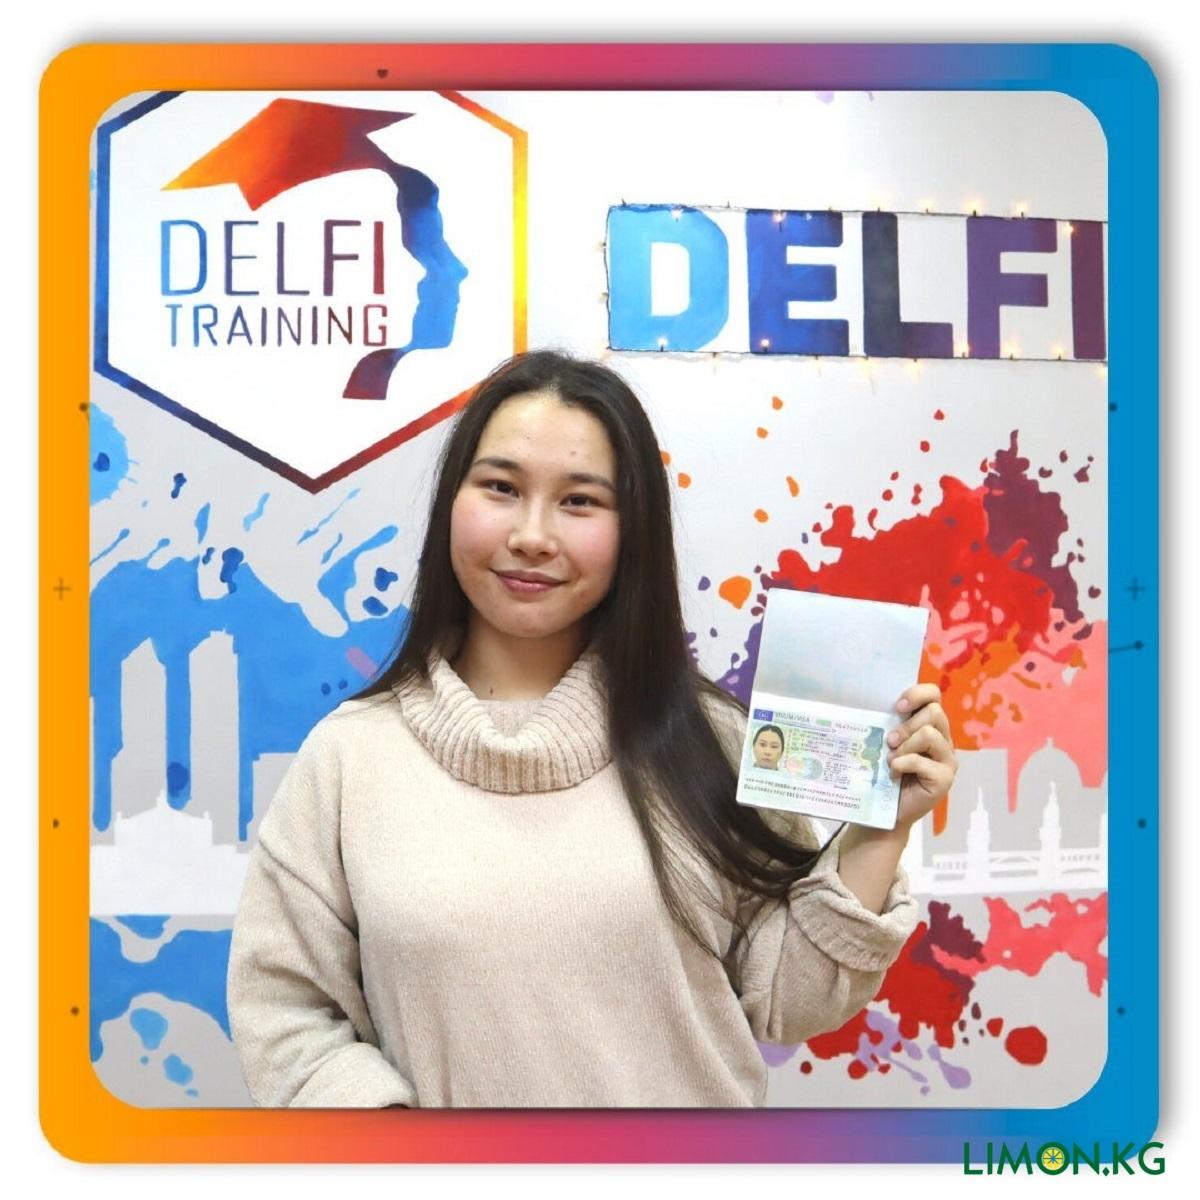 Delfi Training